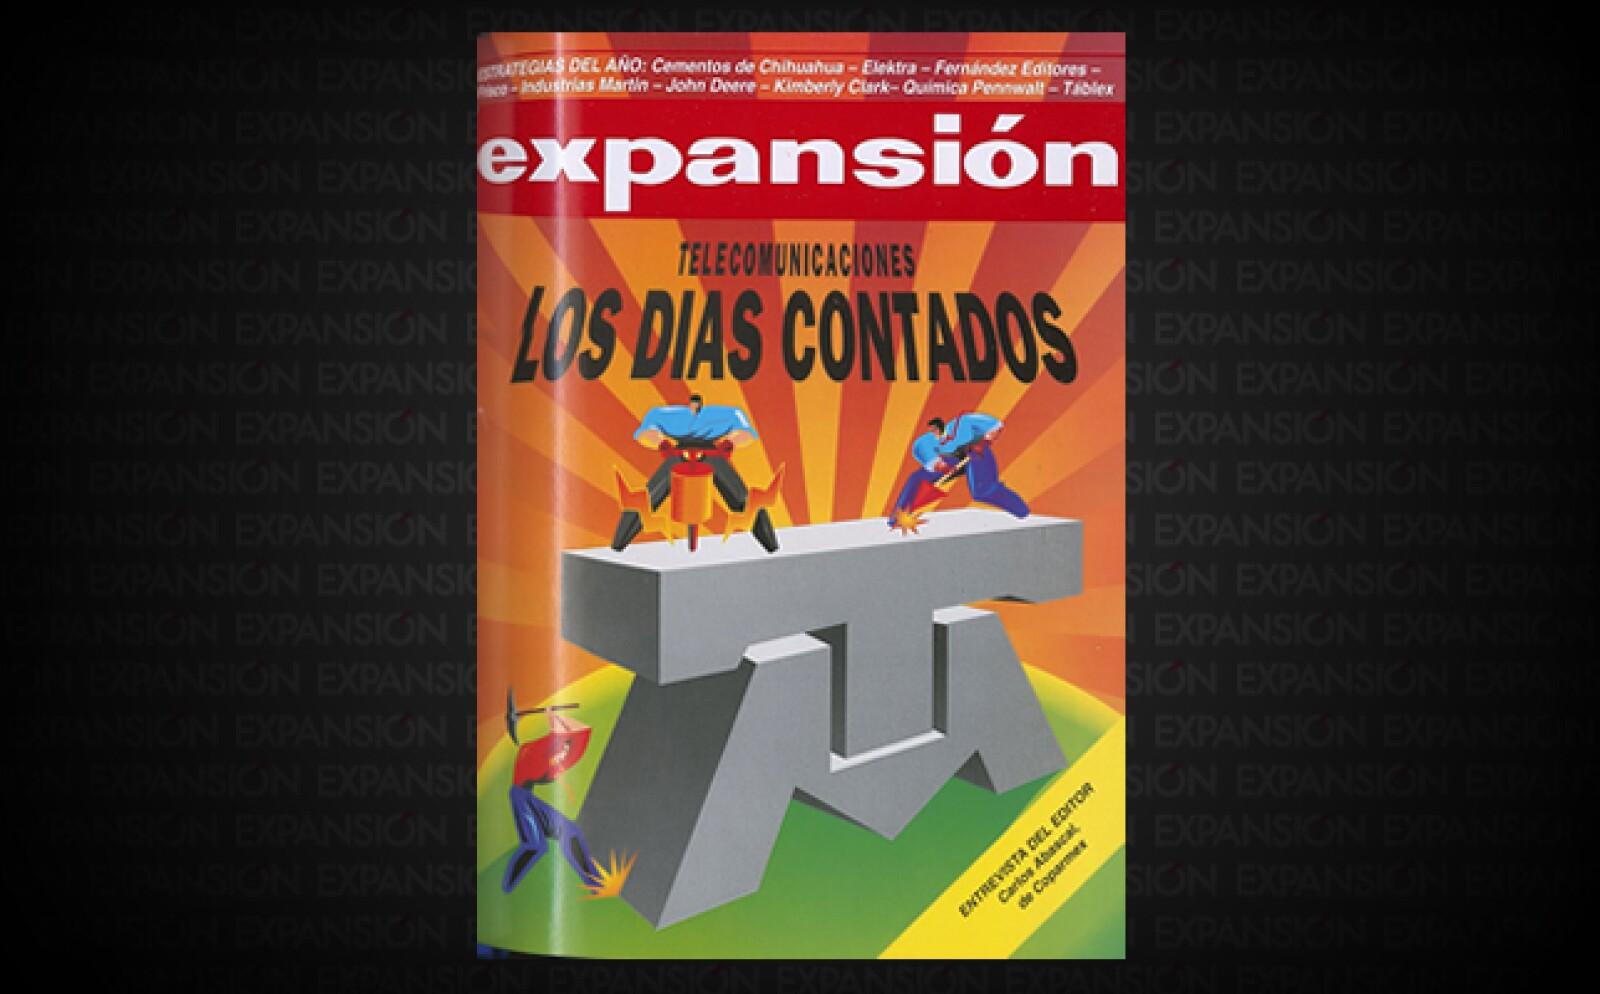 """En 1990, la paraestatal Telmex fue privatizada. Carlos Slim Helú la compró y hasta 1995 fue la única en el negocio. La ley de telecom de ese año abría el sector a la competencia y se anunciaba una """"revolución tecnológica"""" en México."""